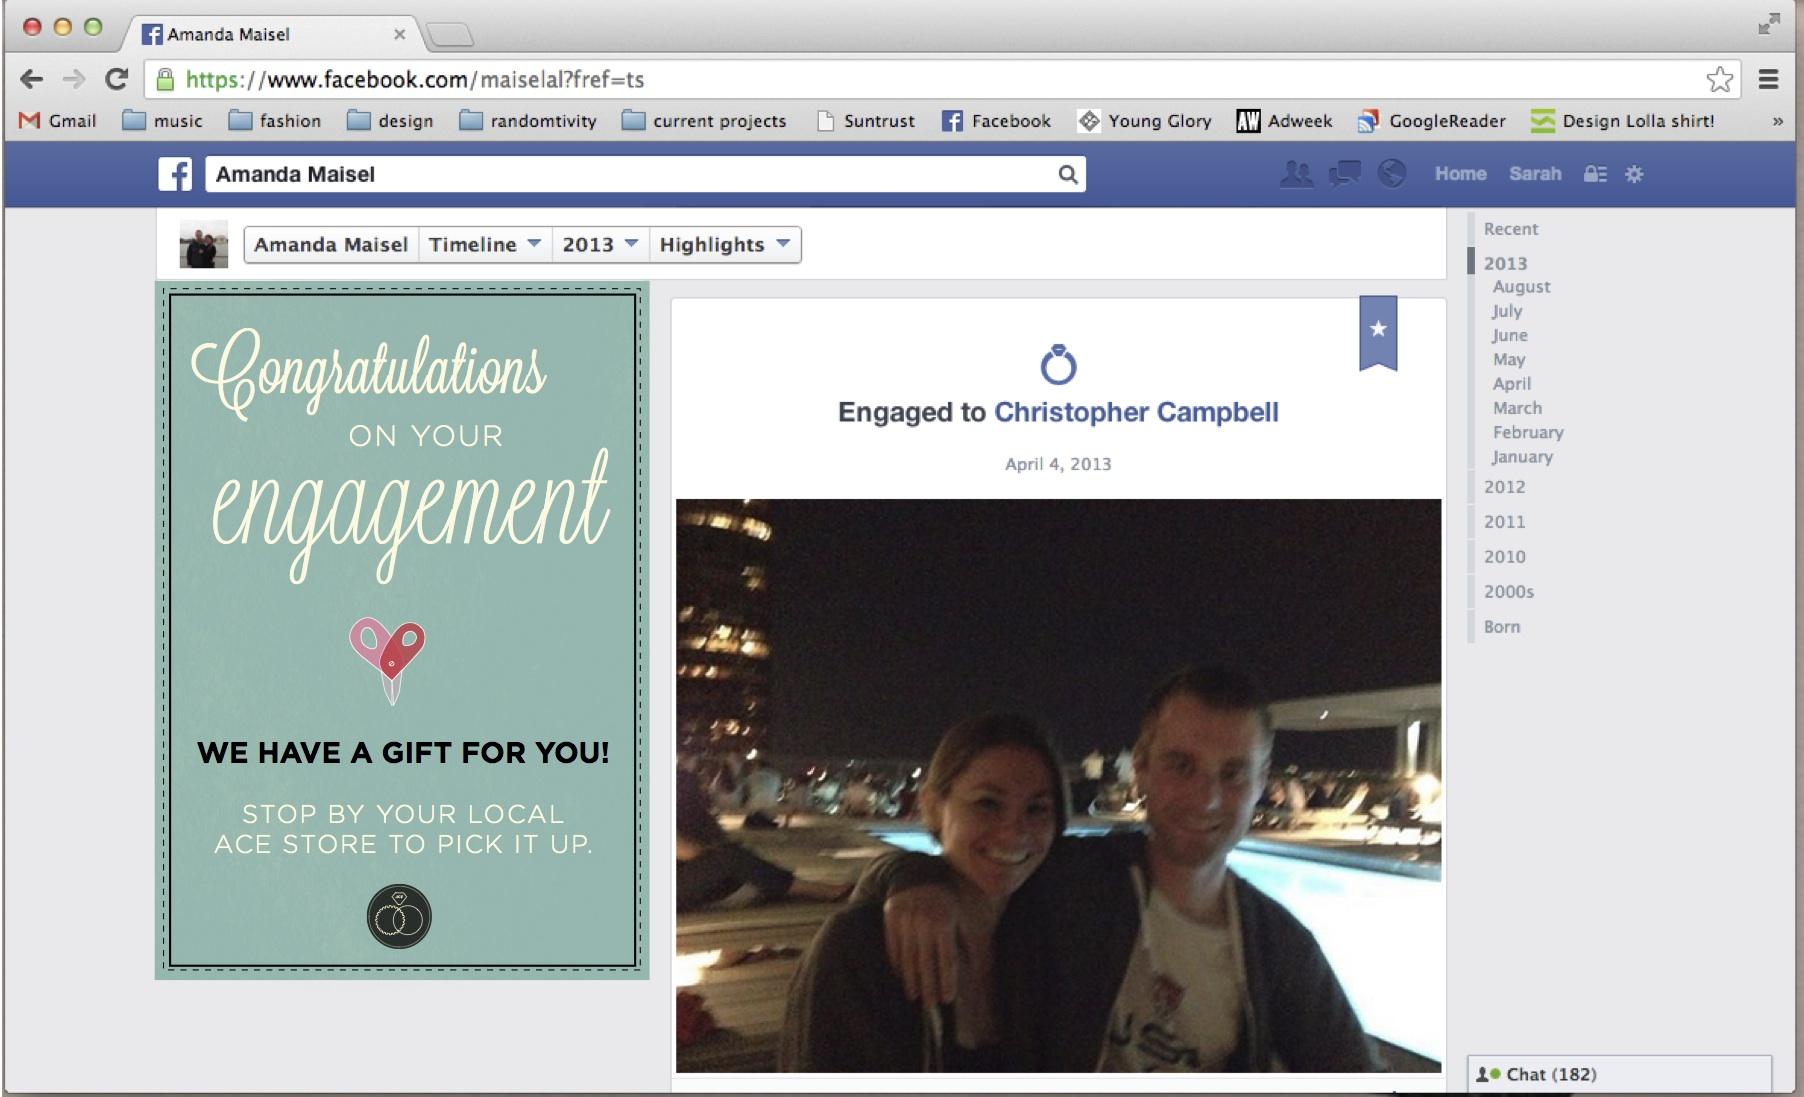 engagement congrats 2 (1).jpg